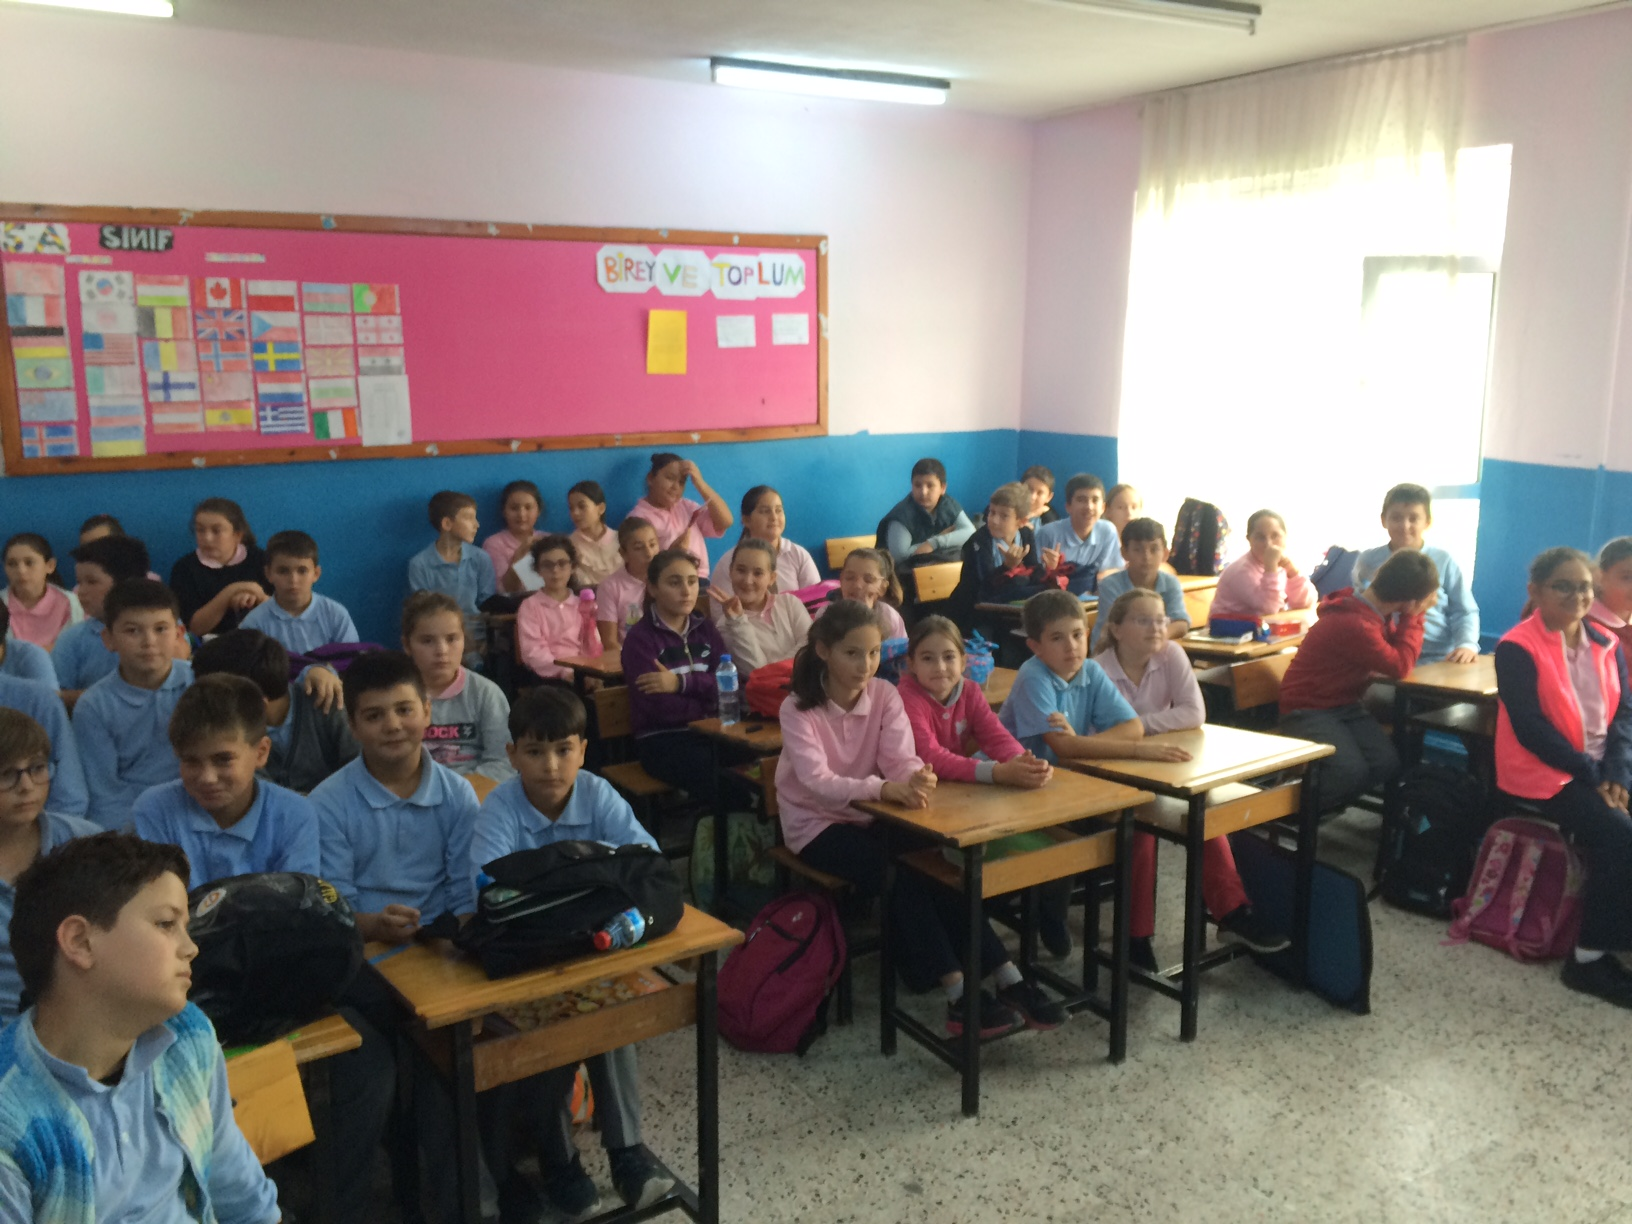 Şehit Ahmet Telli İlkokulu ve Ortaokulu'nda Sıfır Atık Konulu Eğitim Verildi